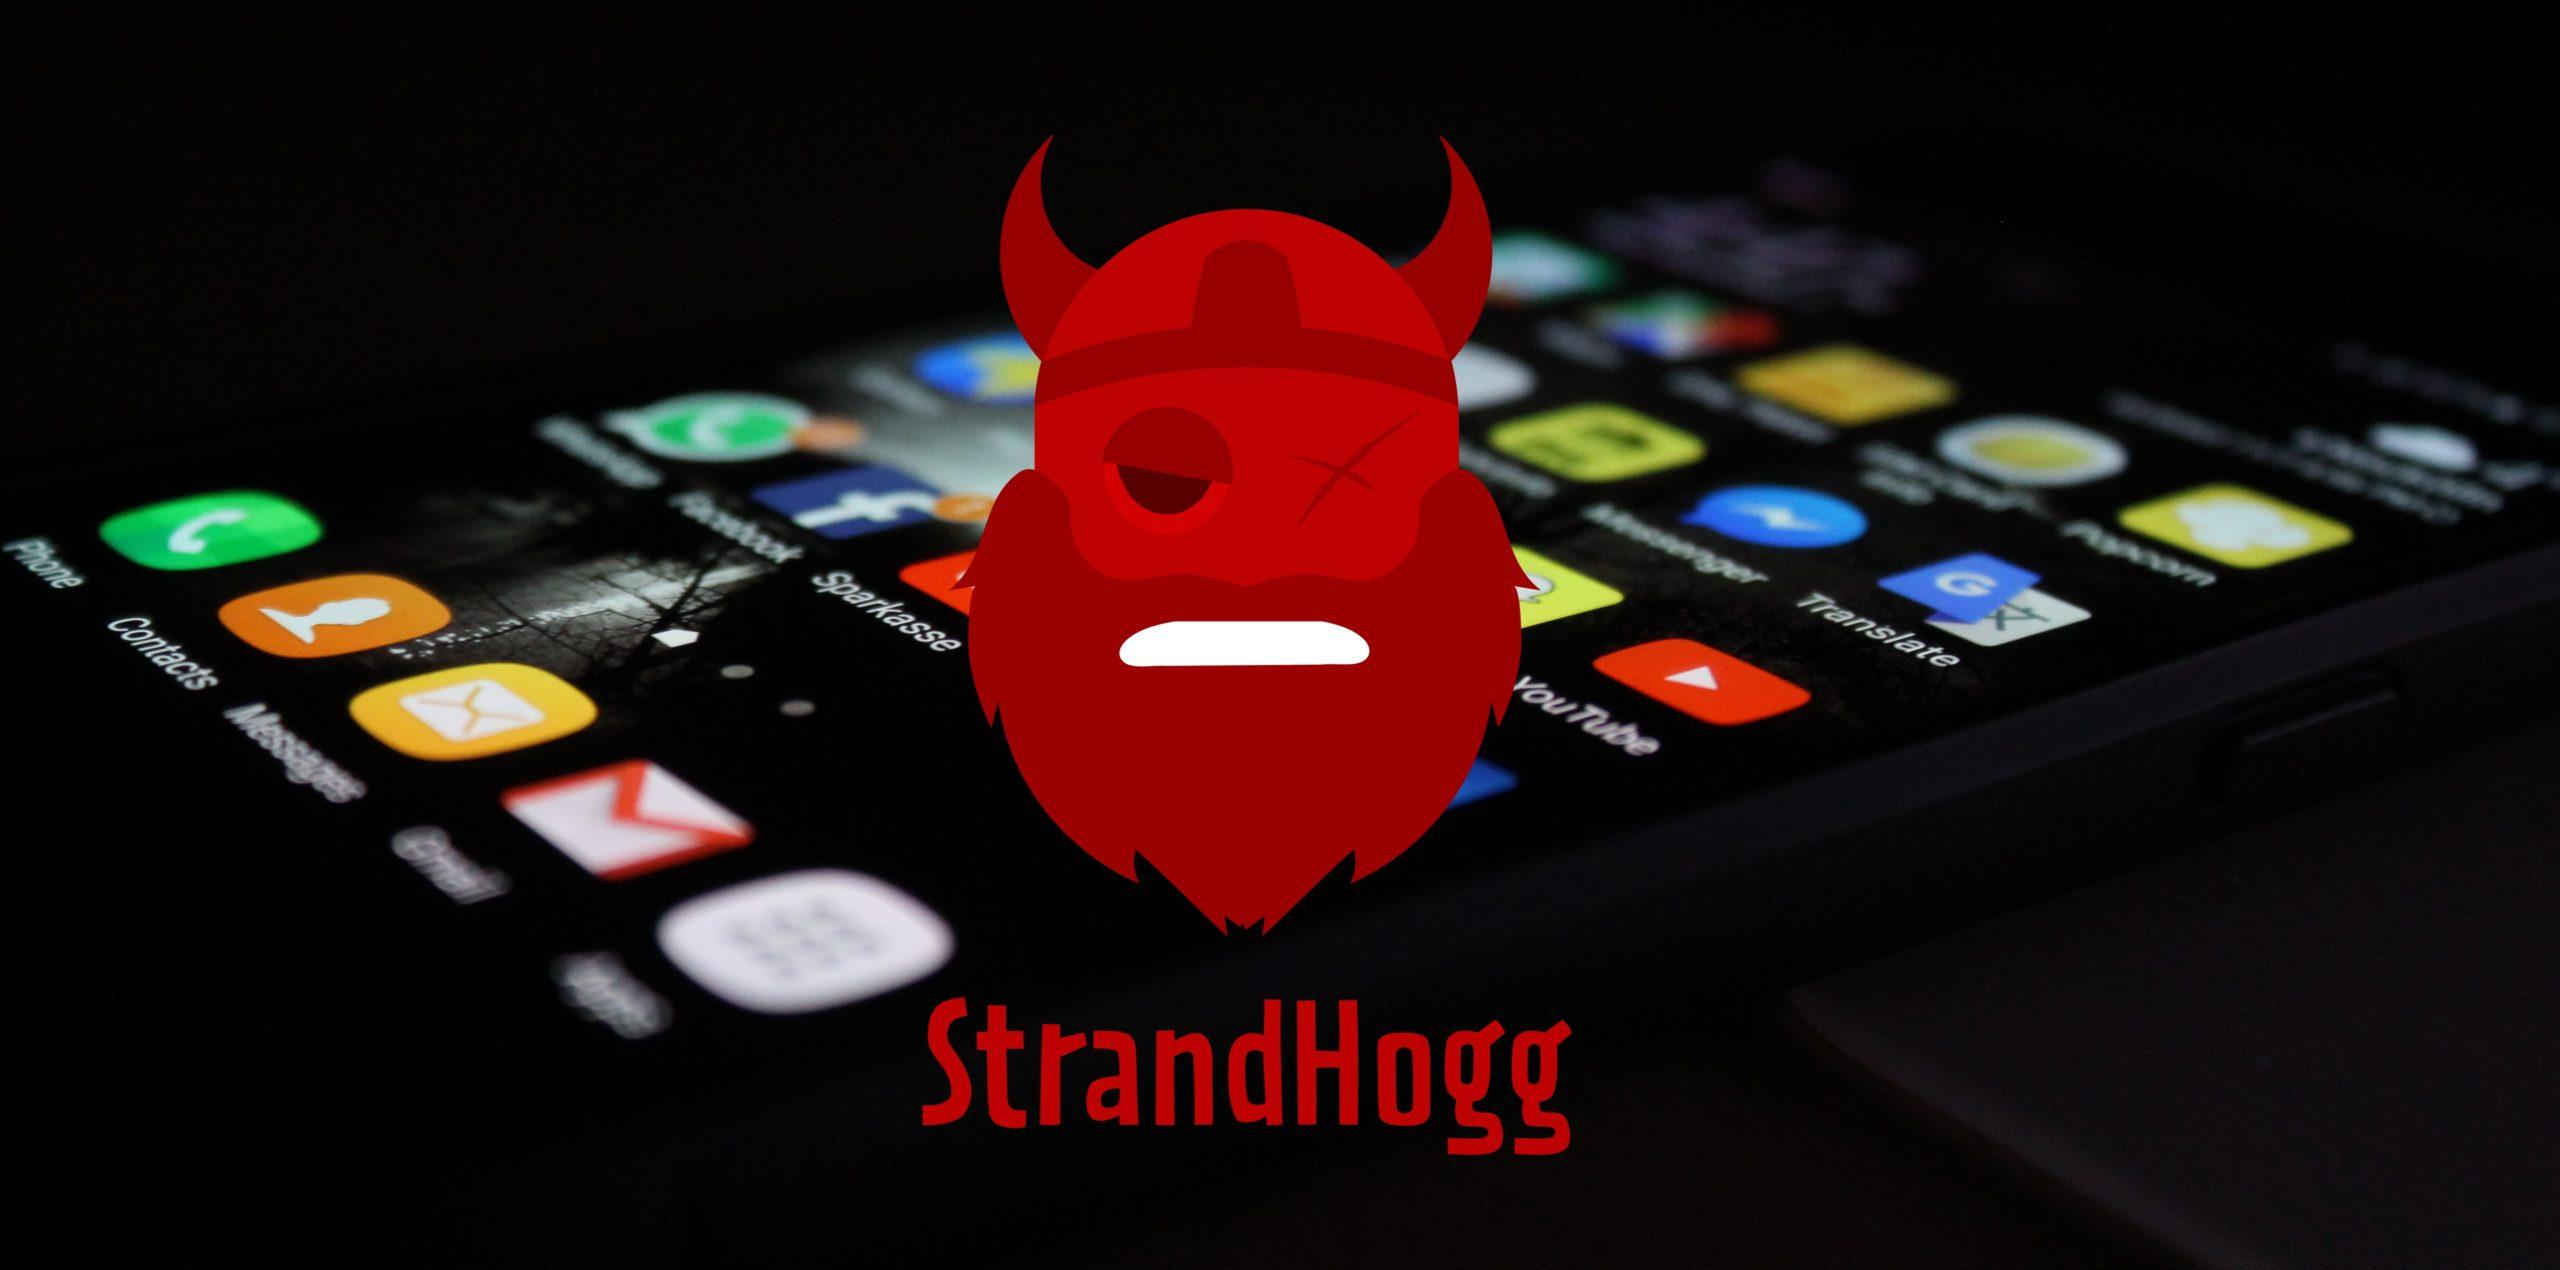 StrandHogg – Le malware qui passe à la hache votre Android